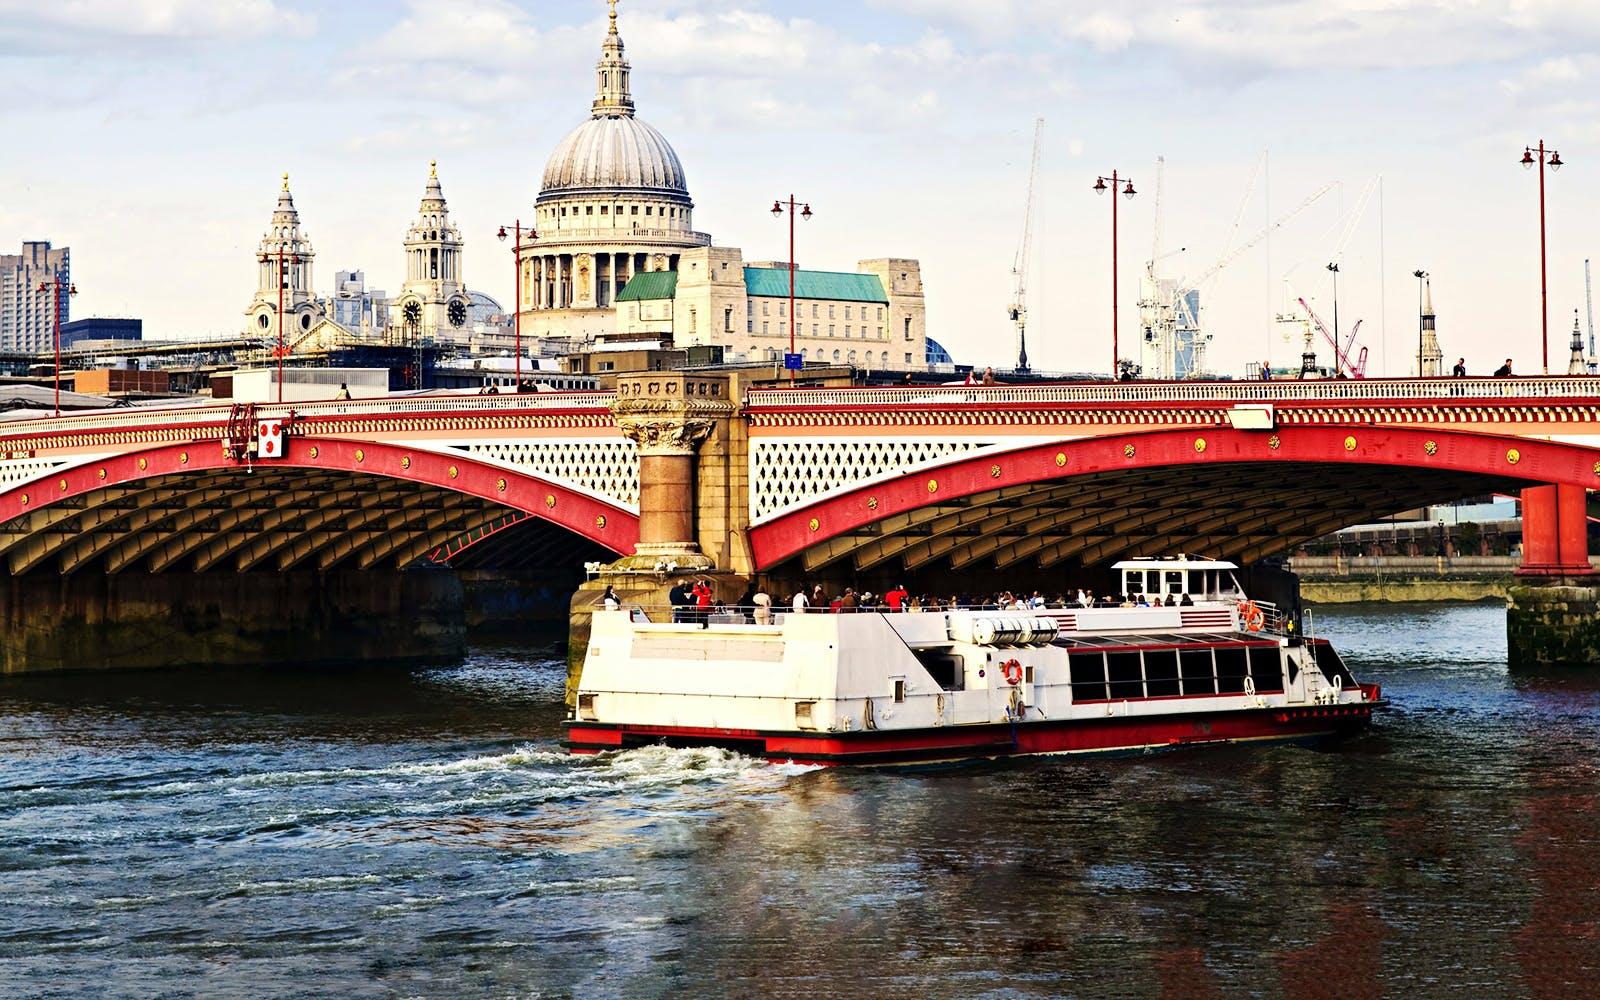 london hop on hop off bus tours - 5